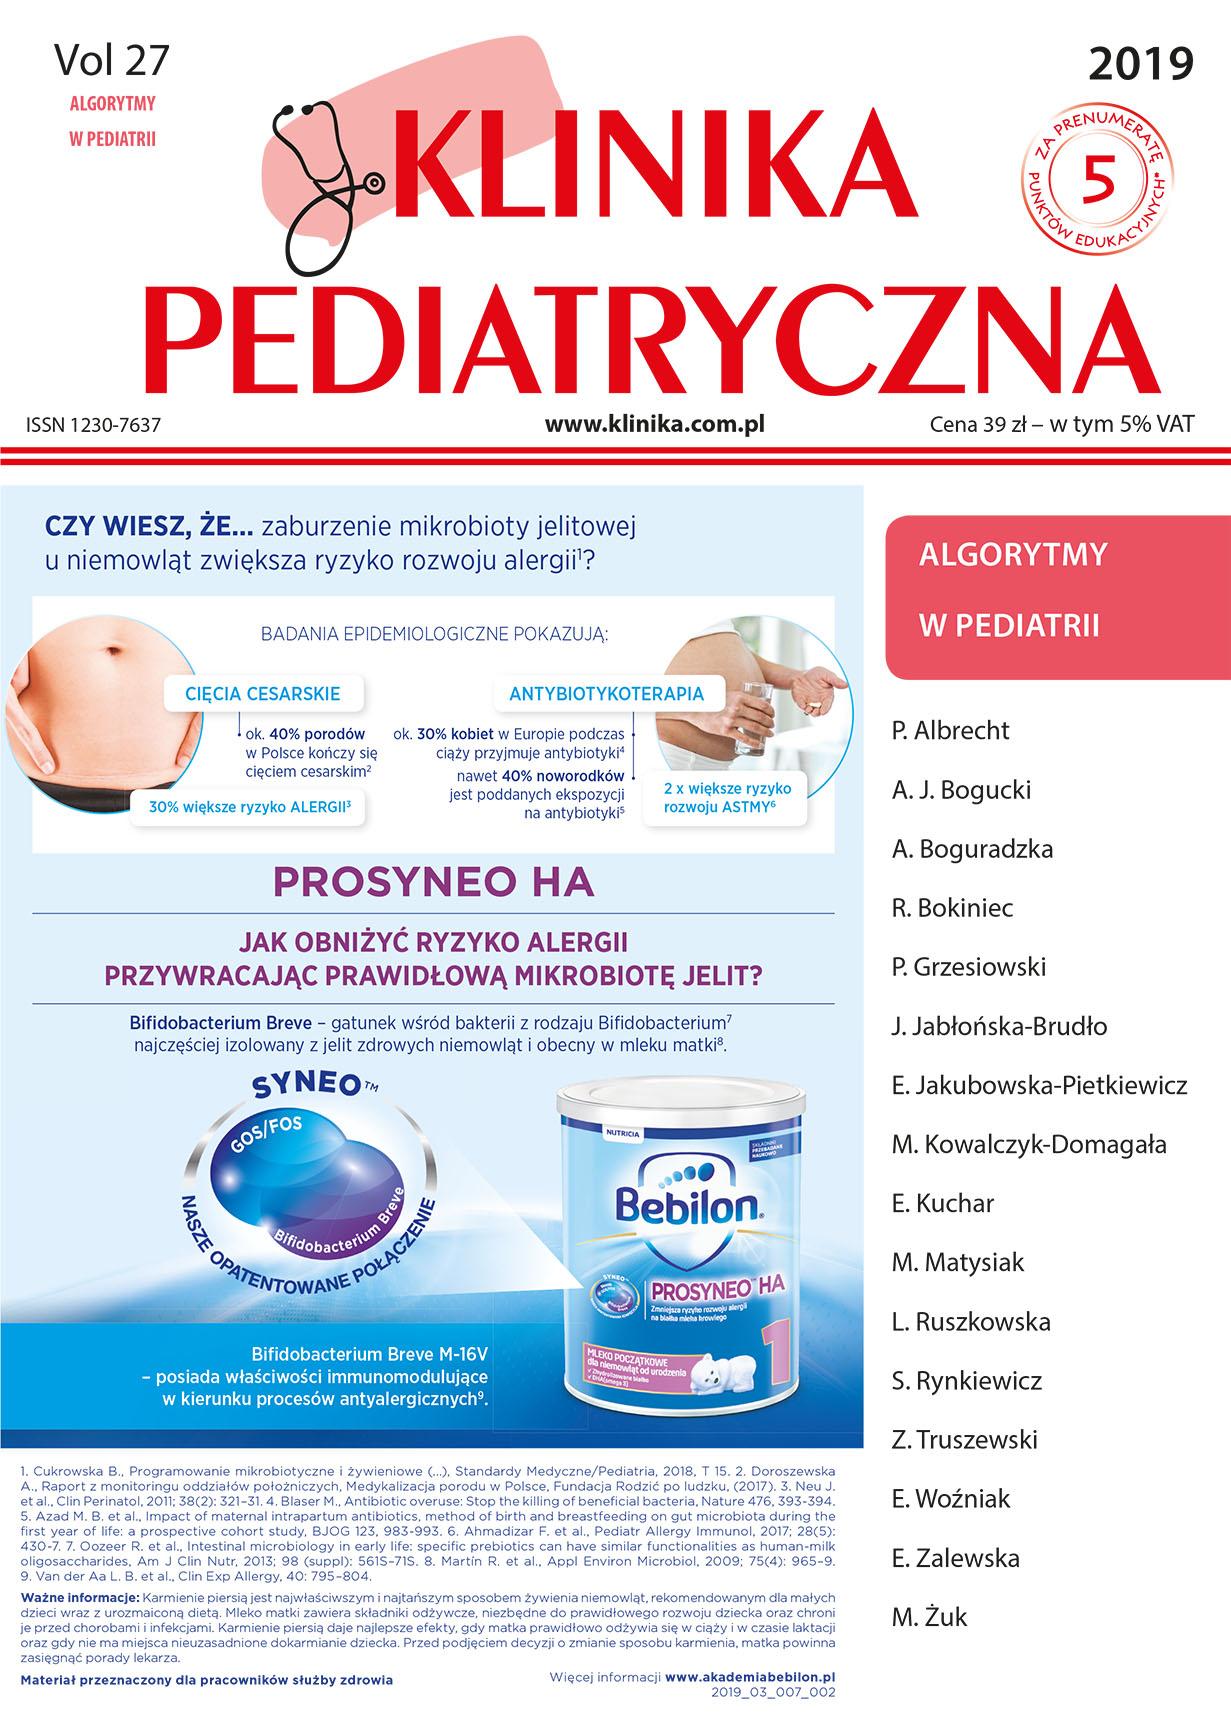 KP Algorytmy w Pediatrii 2019